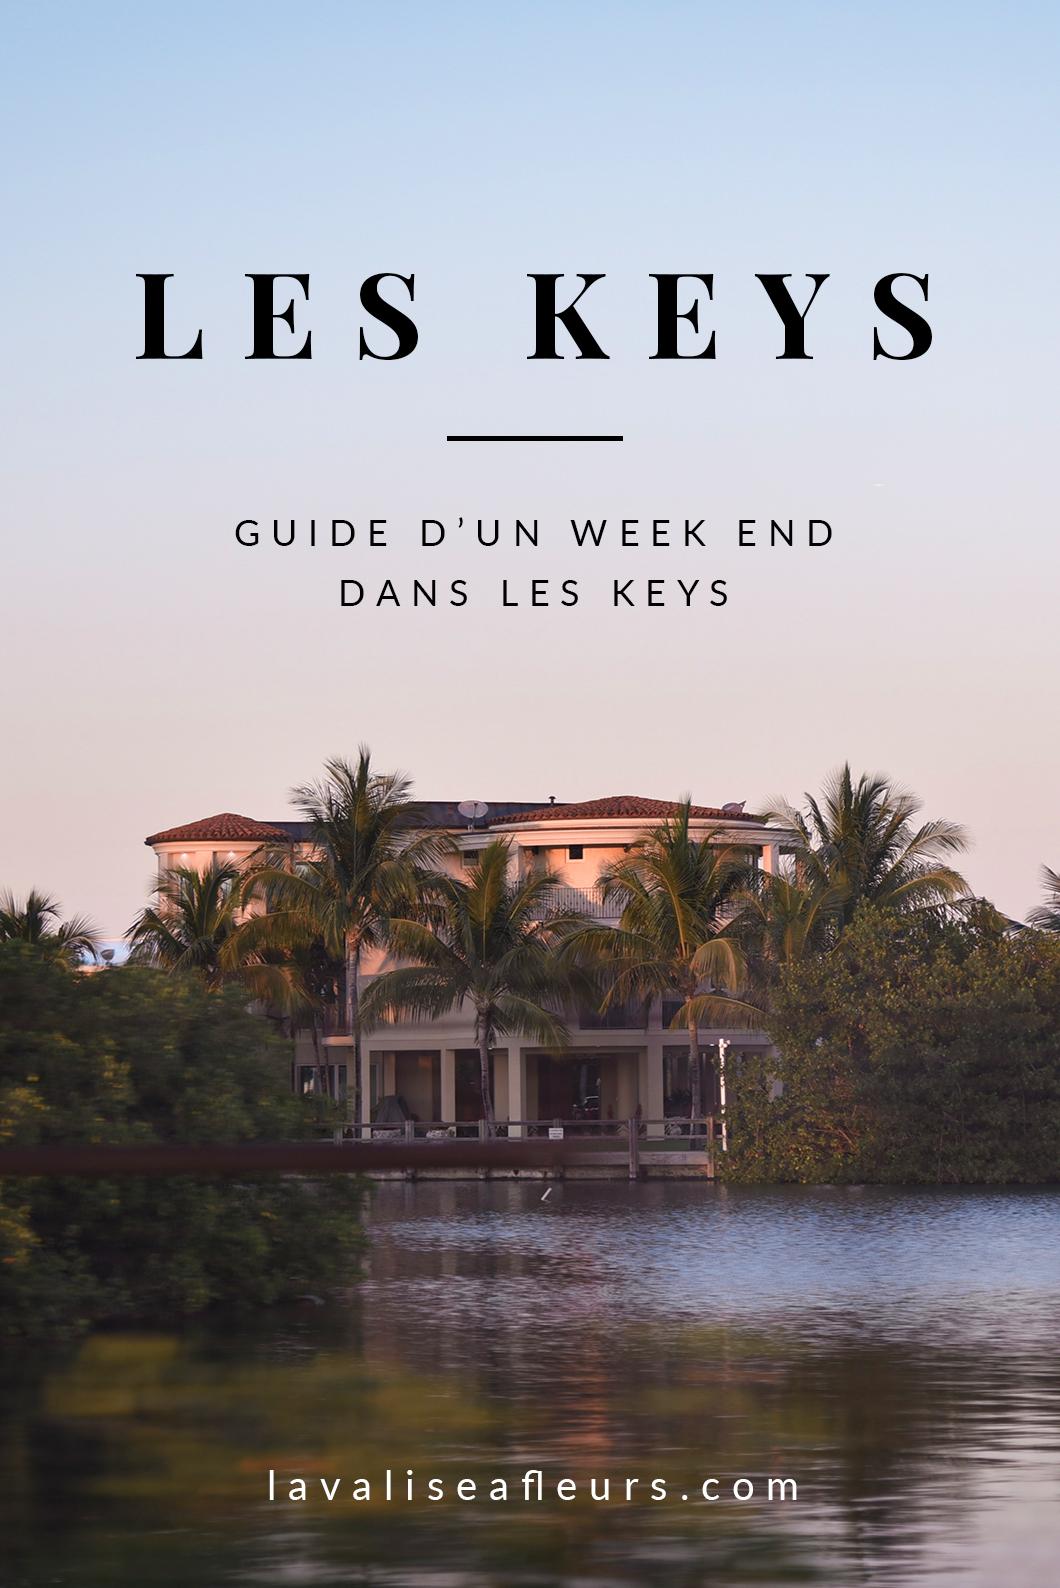 Guide de 2 jours dans les Keys